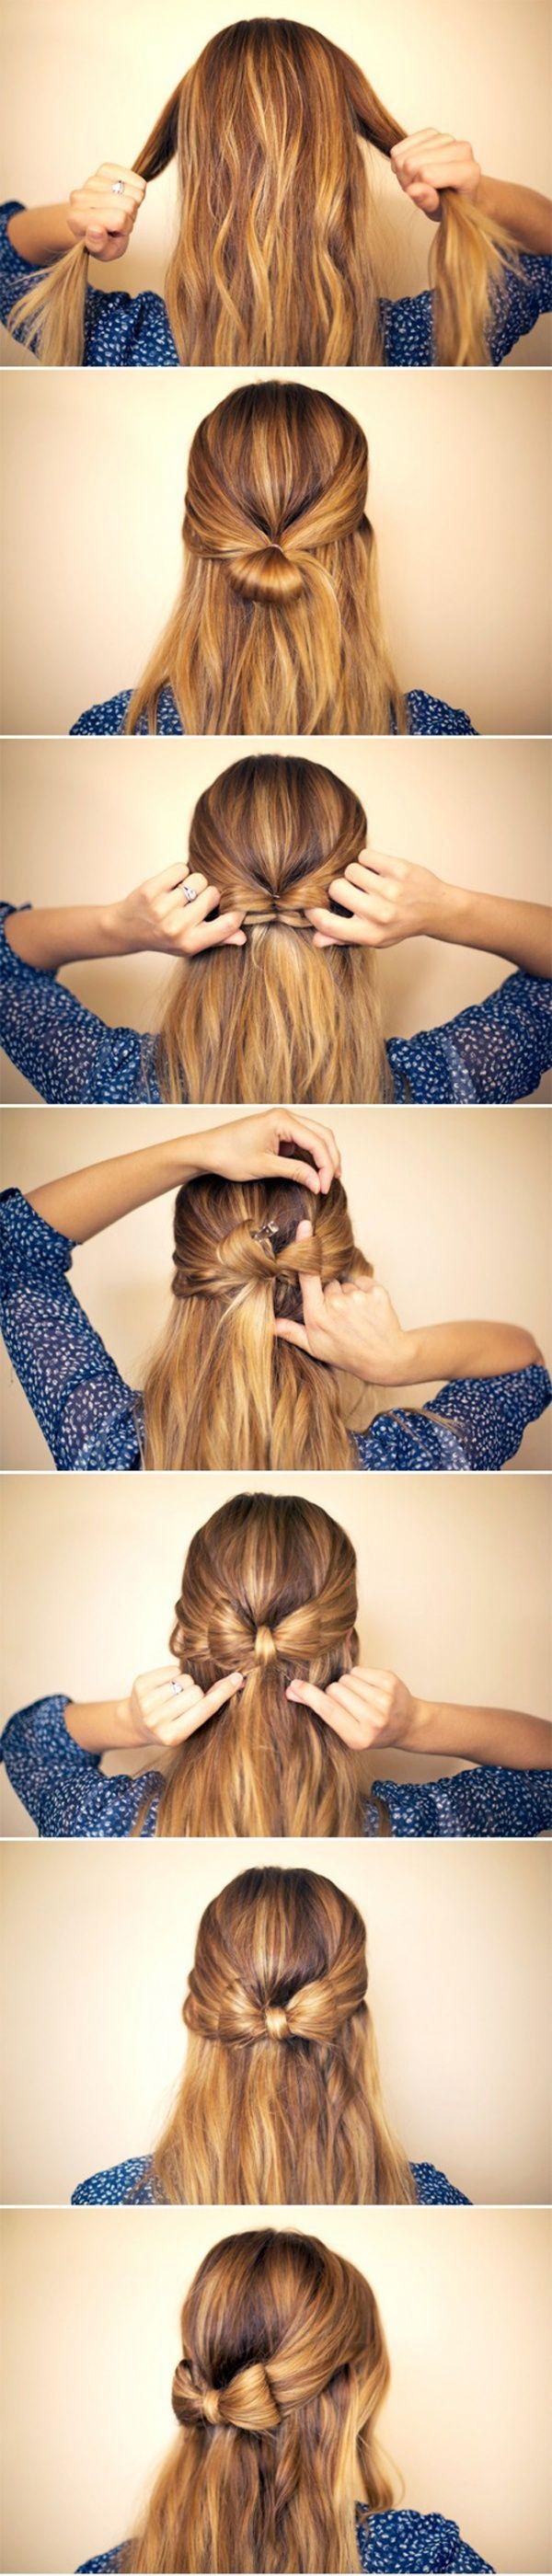 useful hair tutorials! so cute, right?! #hair #tutorial #bow #beauty http://www.fashiondivadesign.com/hair-tutorials/?_szp=262201&_szi=234